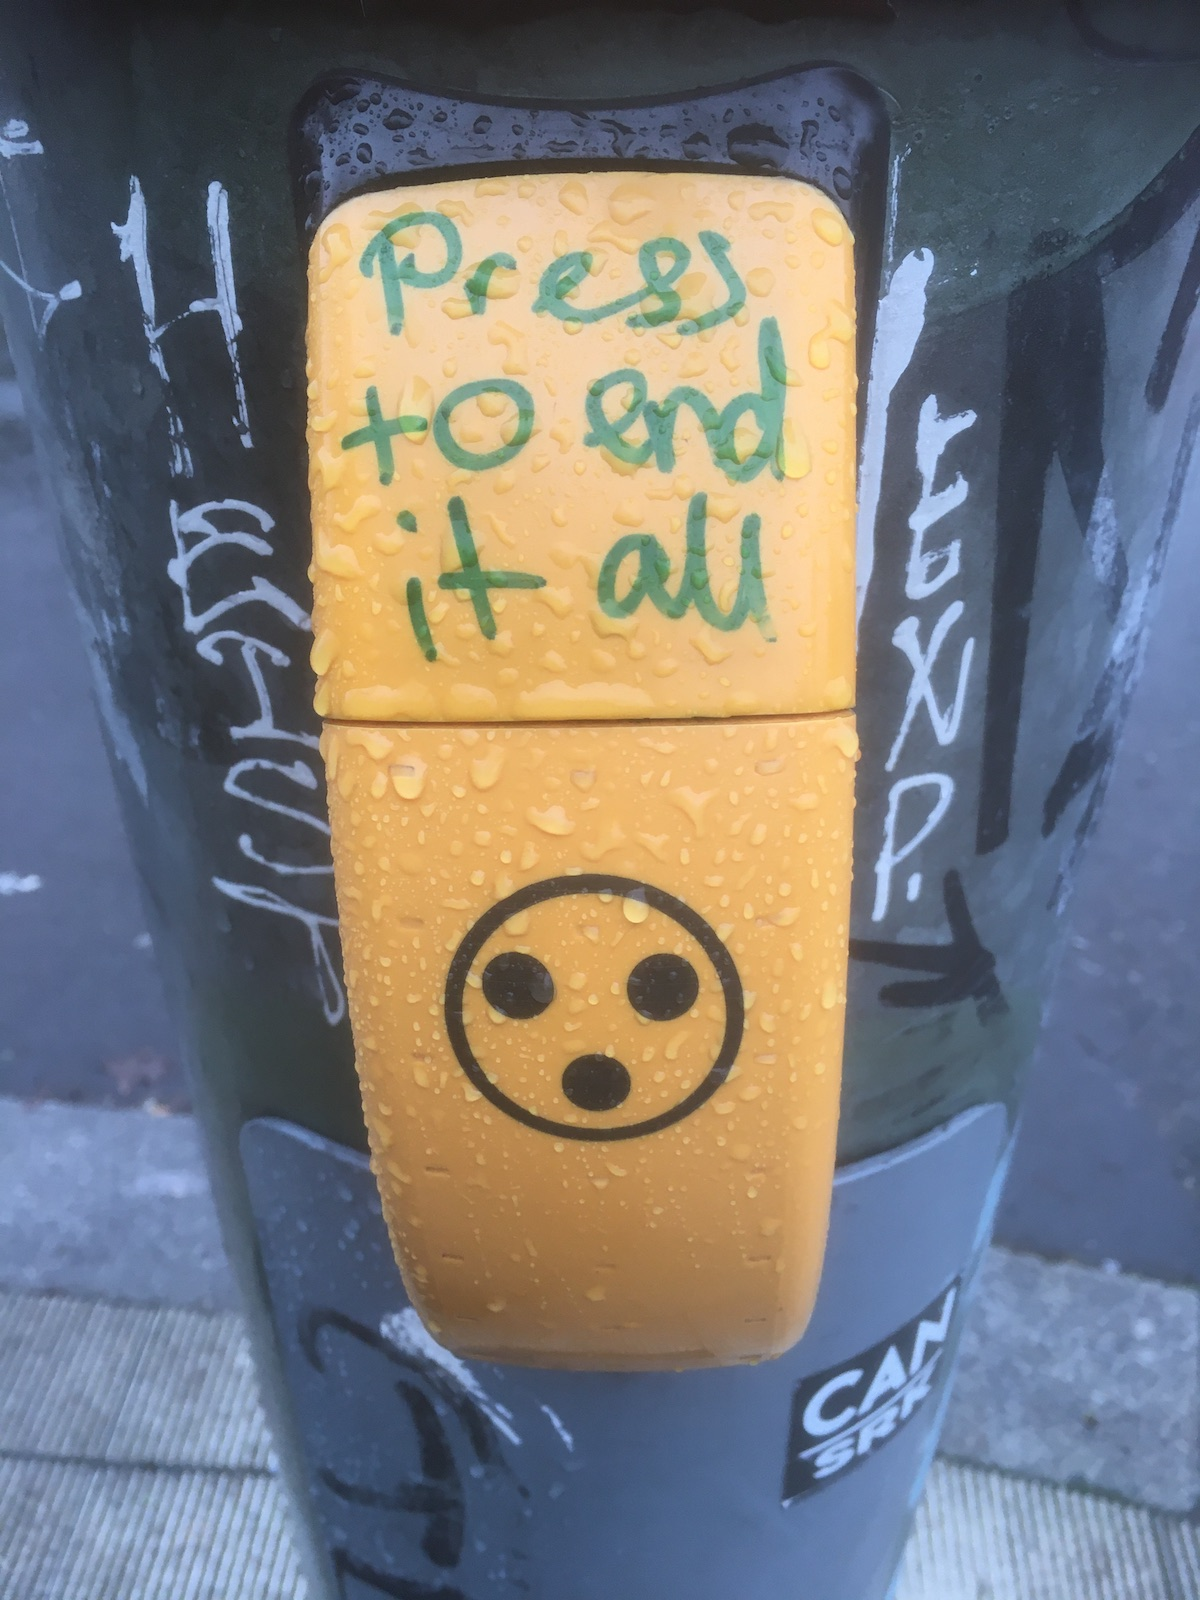 """Handschrift über dem Druckknopf einer -ampel:  """"Press to end it all."""""""